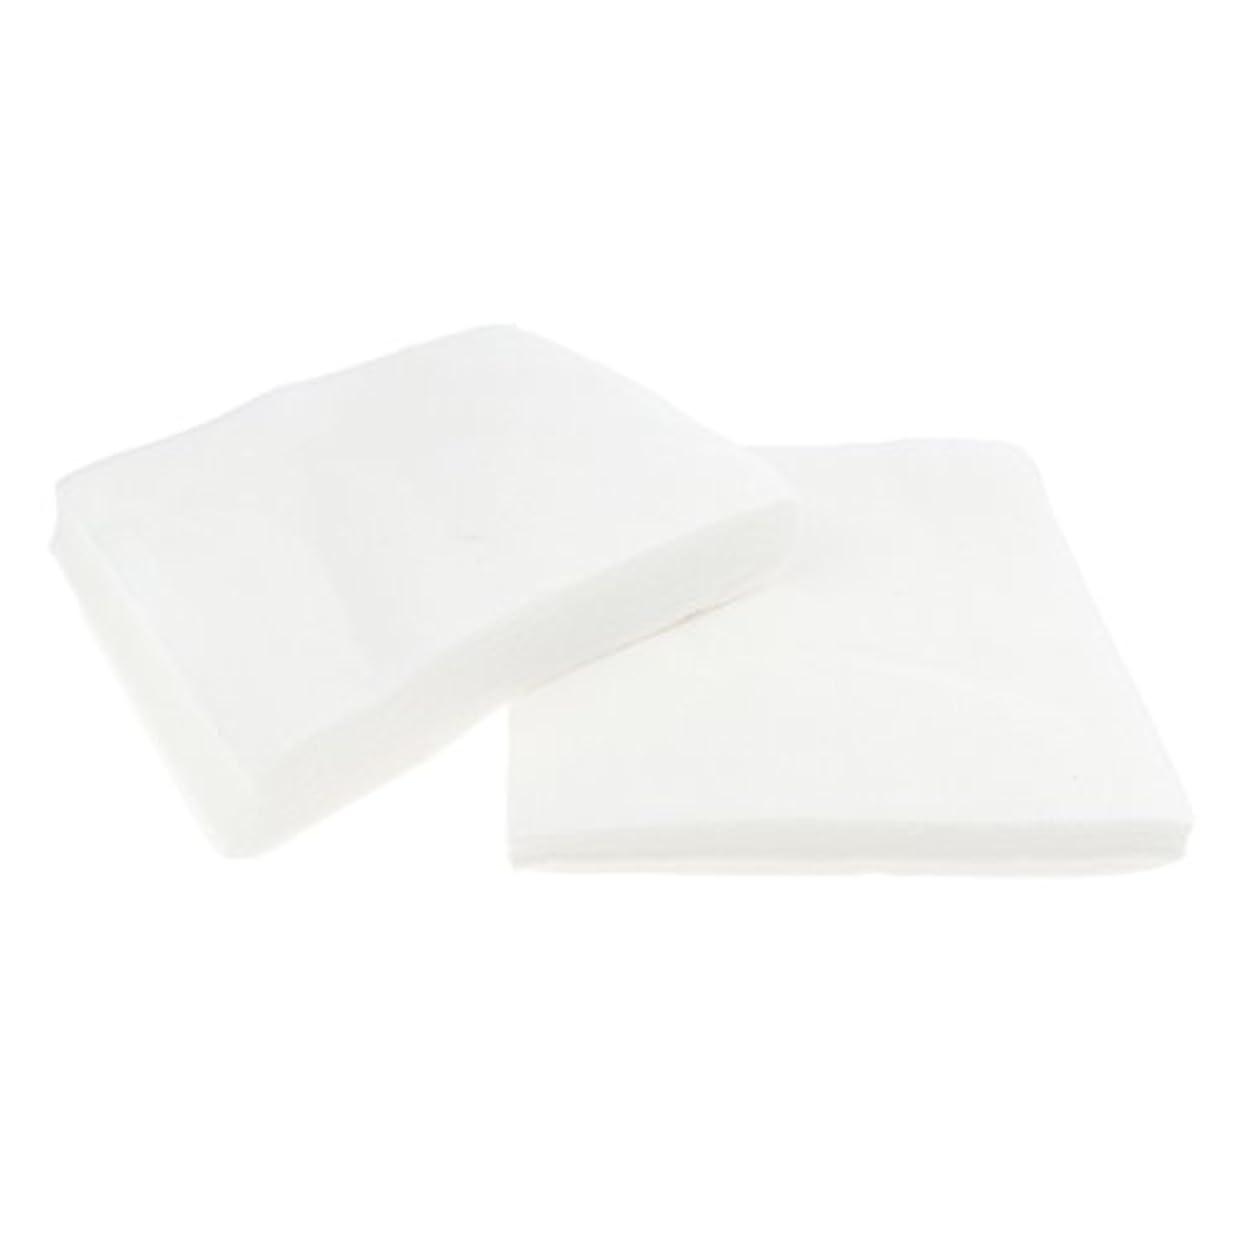 送信する期限切れポークメイク落とし シート 使い捨て 洗顔シート クレンジングシート 顔拭きシート 2サイズ - 1#